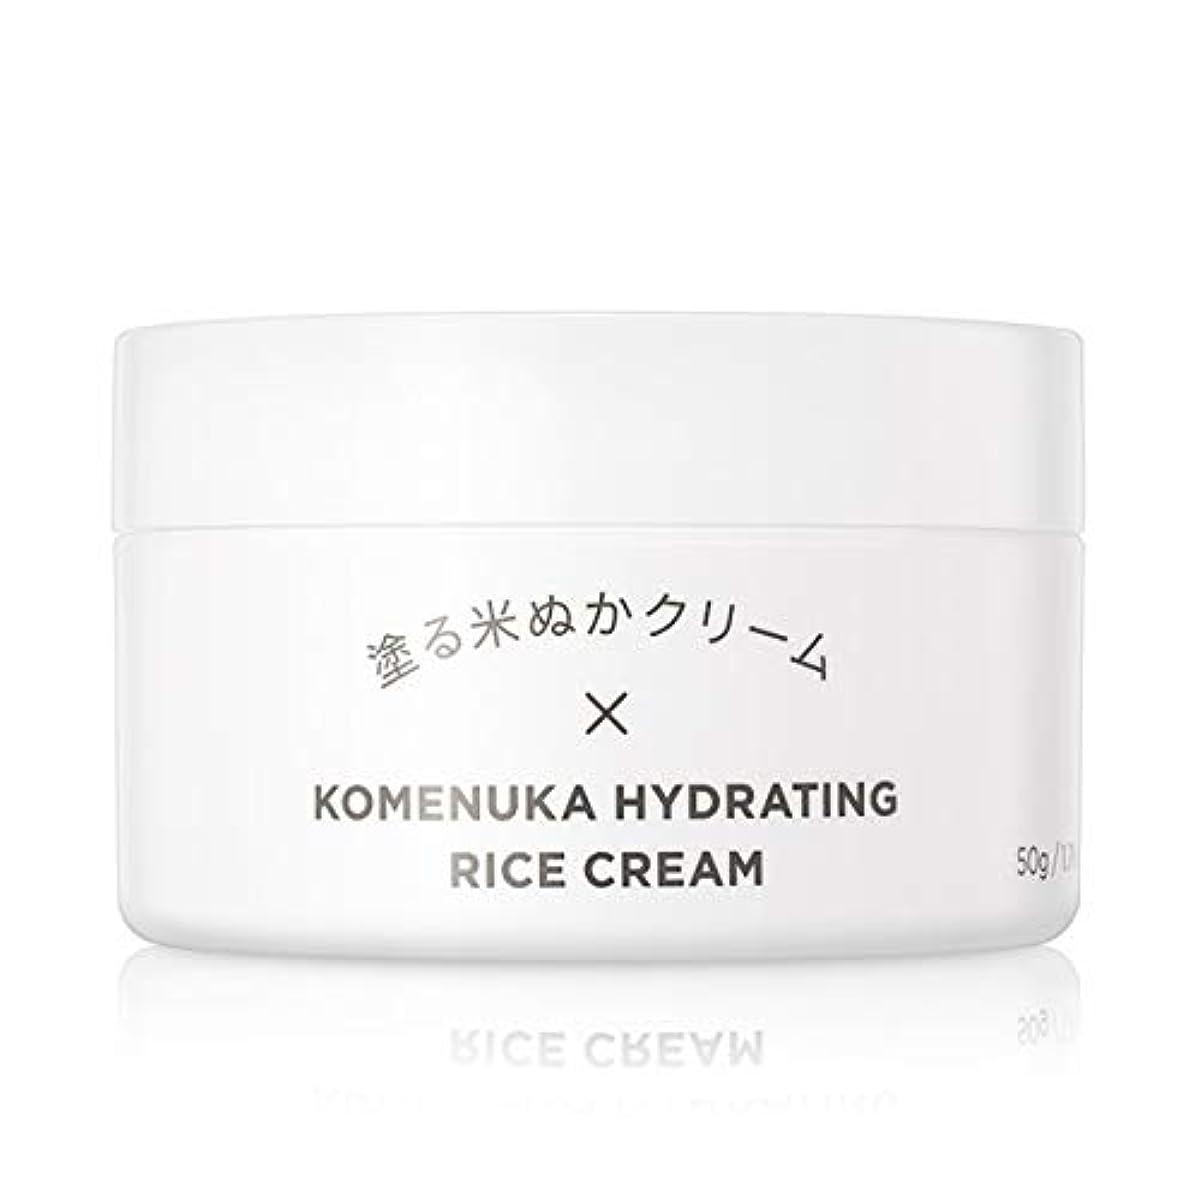 キャンペーン優雅な前投薬米一途 塗る米ぬかクリーム スキンケア 無添加 クリーム 50g